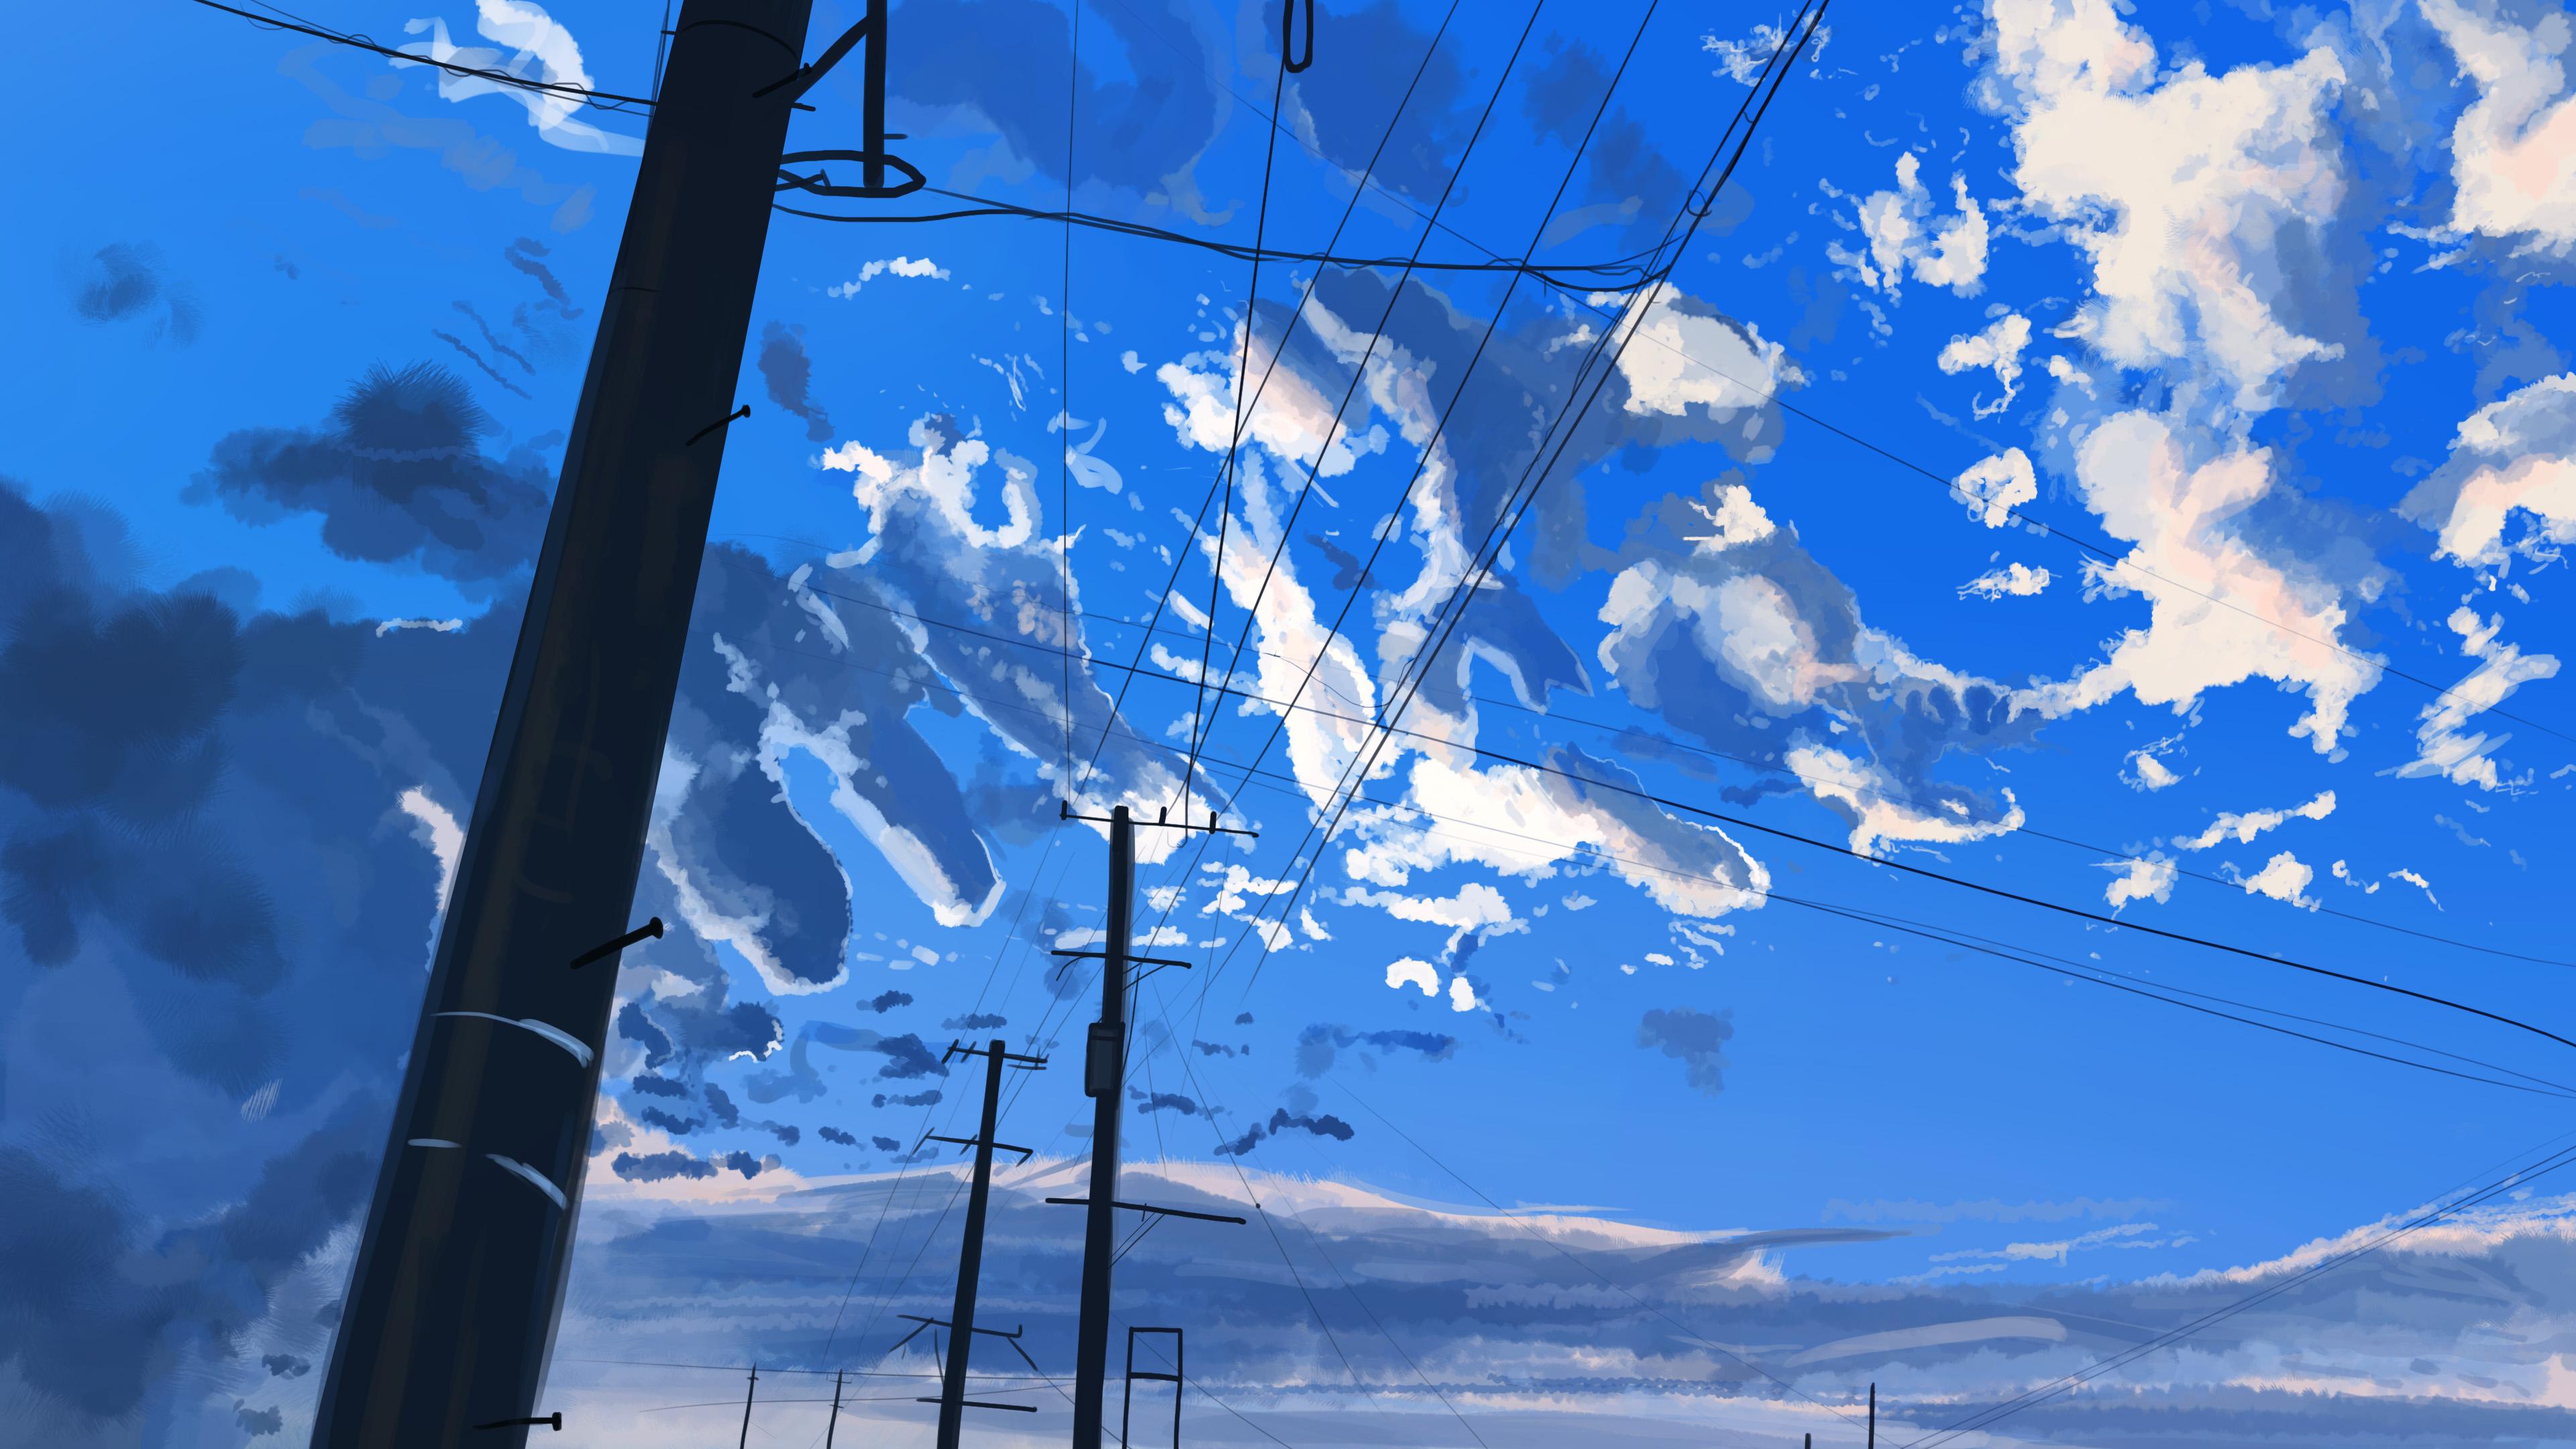 Sky Cloud 3840x2160